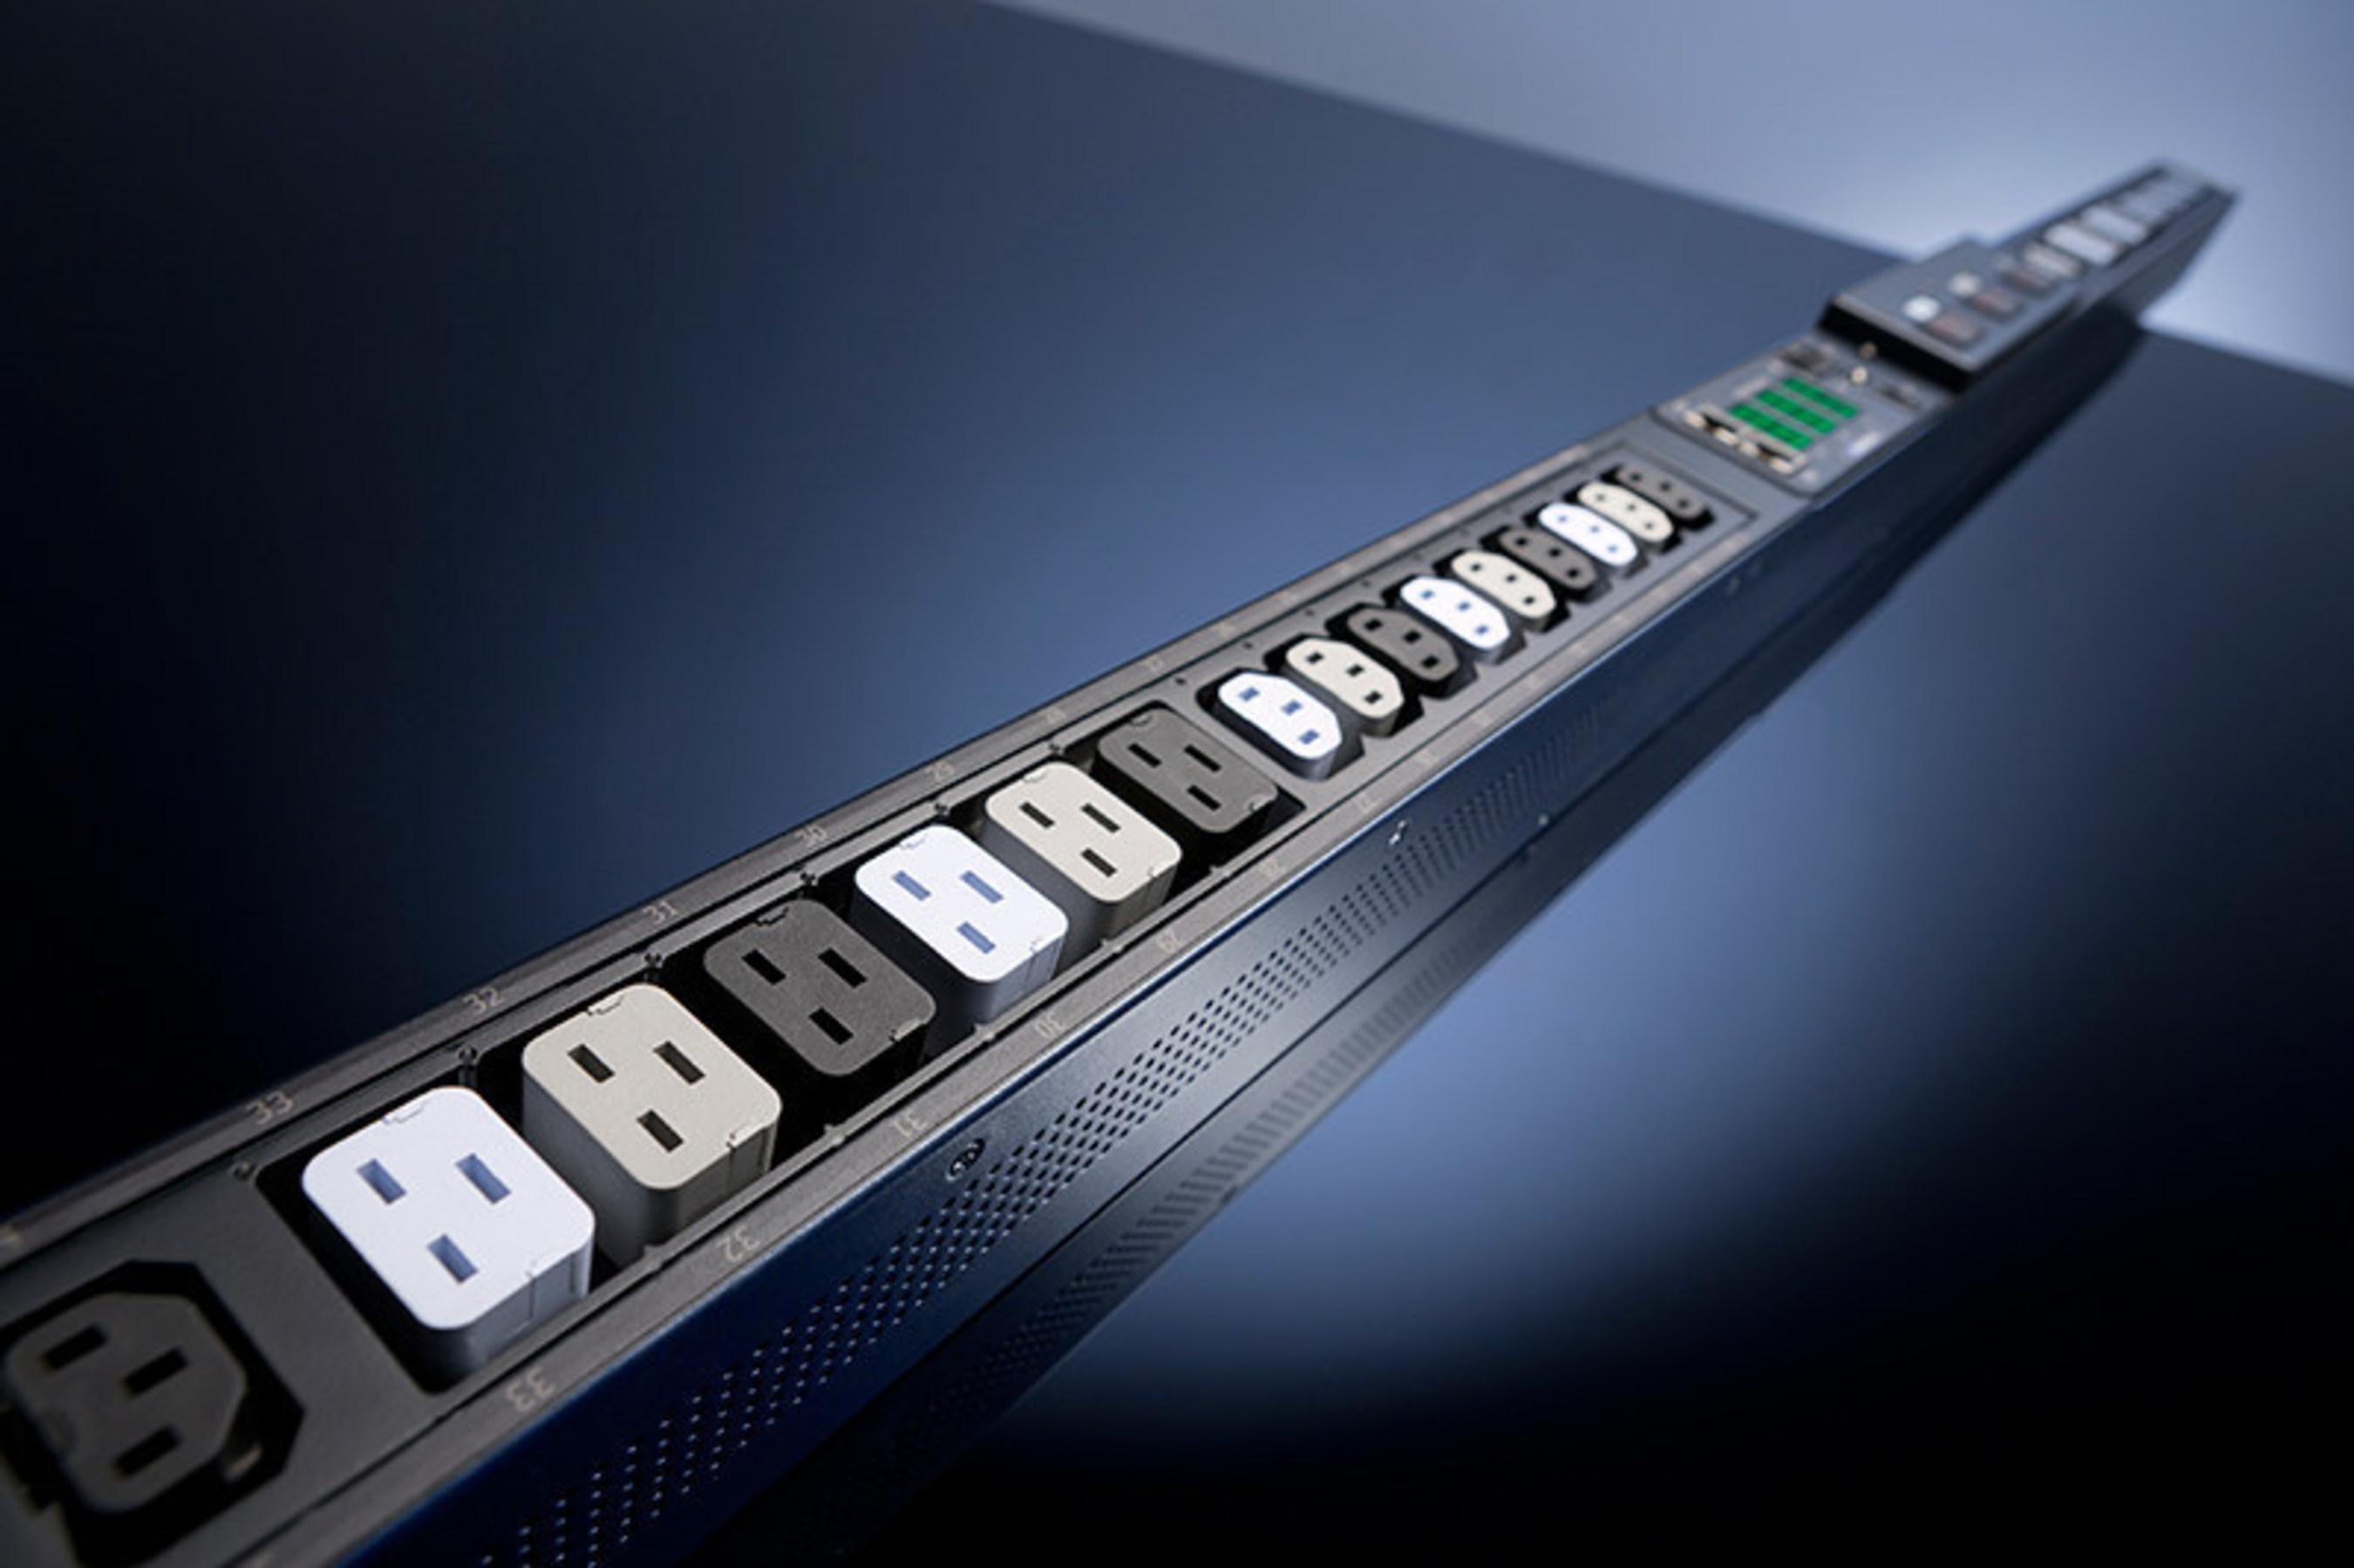 Server Technology Inc. bringt PDU-Komplettlösung heraus - HDOT Switched auf der PRO2-Plattform mit